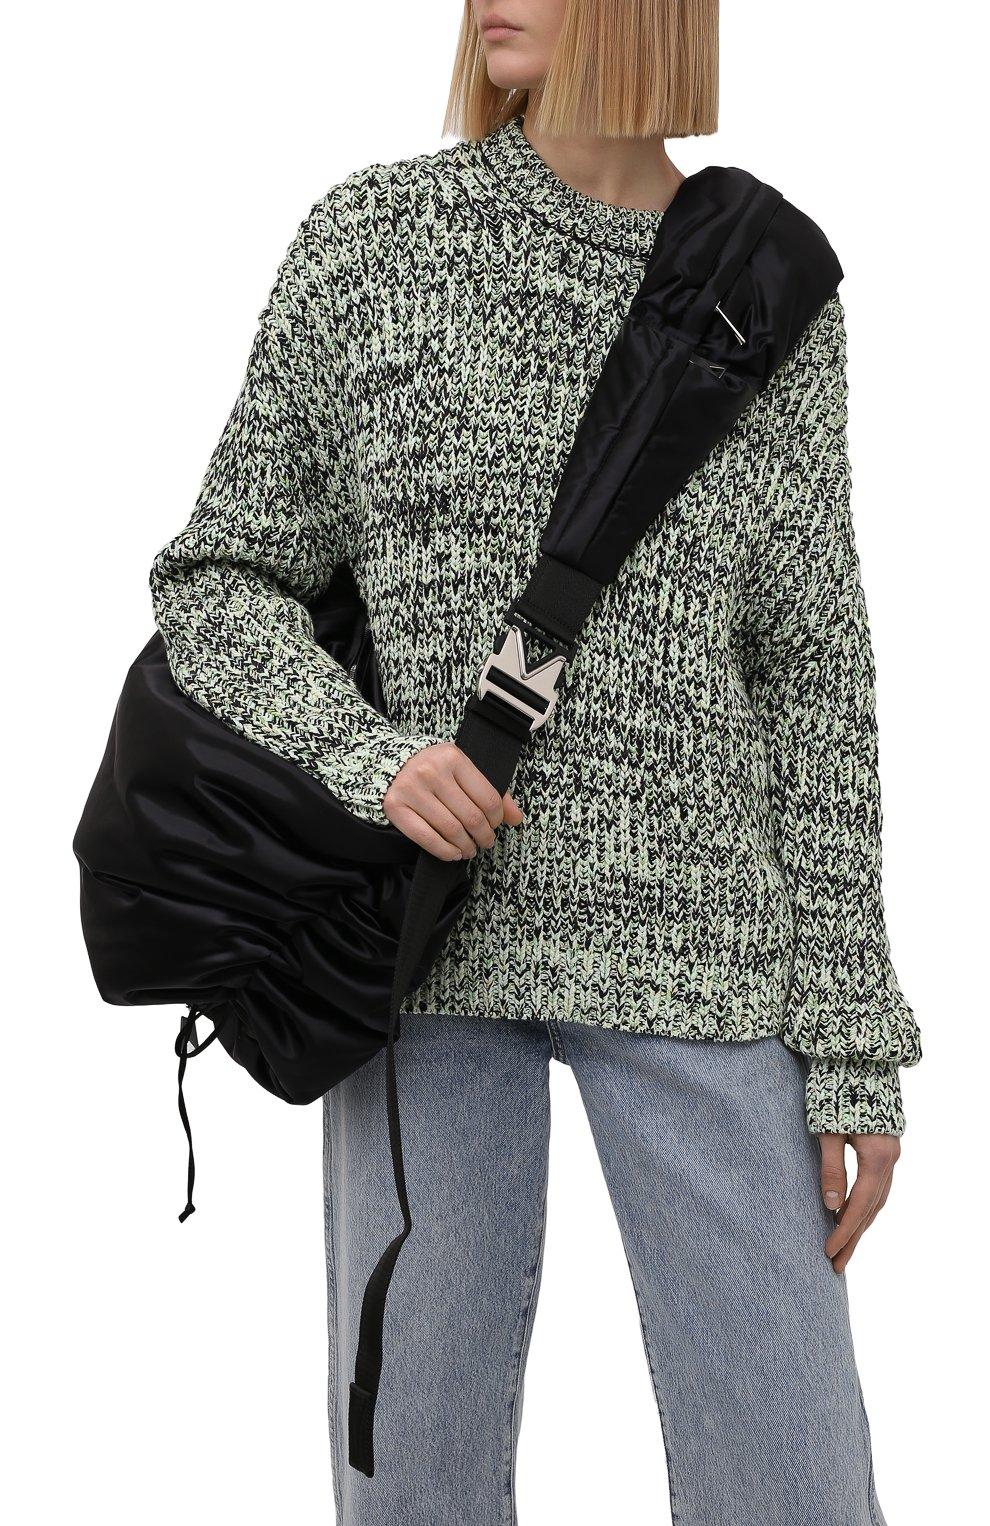 Женский комплект из сумки-шопер и поясной сумки BOTTEGA VENETA черного цвета, арт. 658755/V00R1 | Фото 2 (Сумки-технические: Сумки-шопперы; Материал: Текстиль; Размер: large)